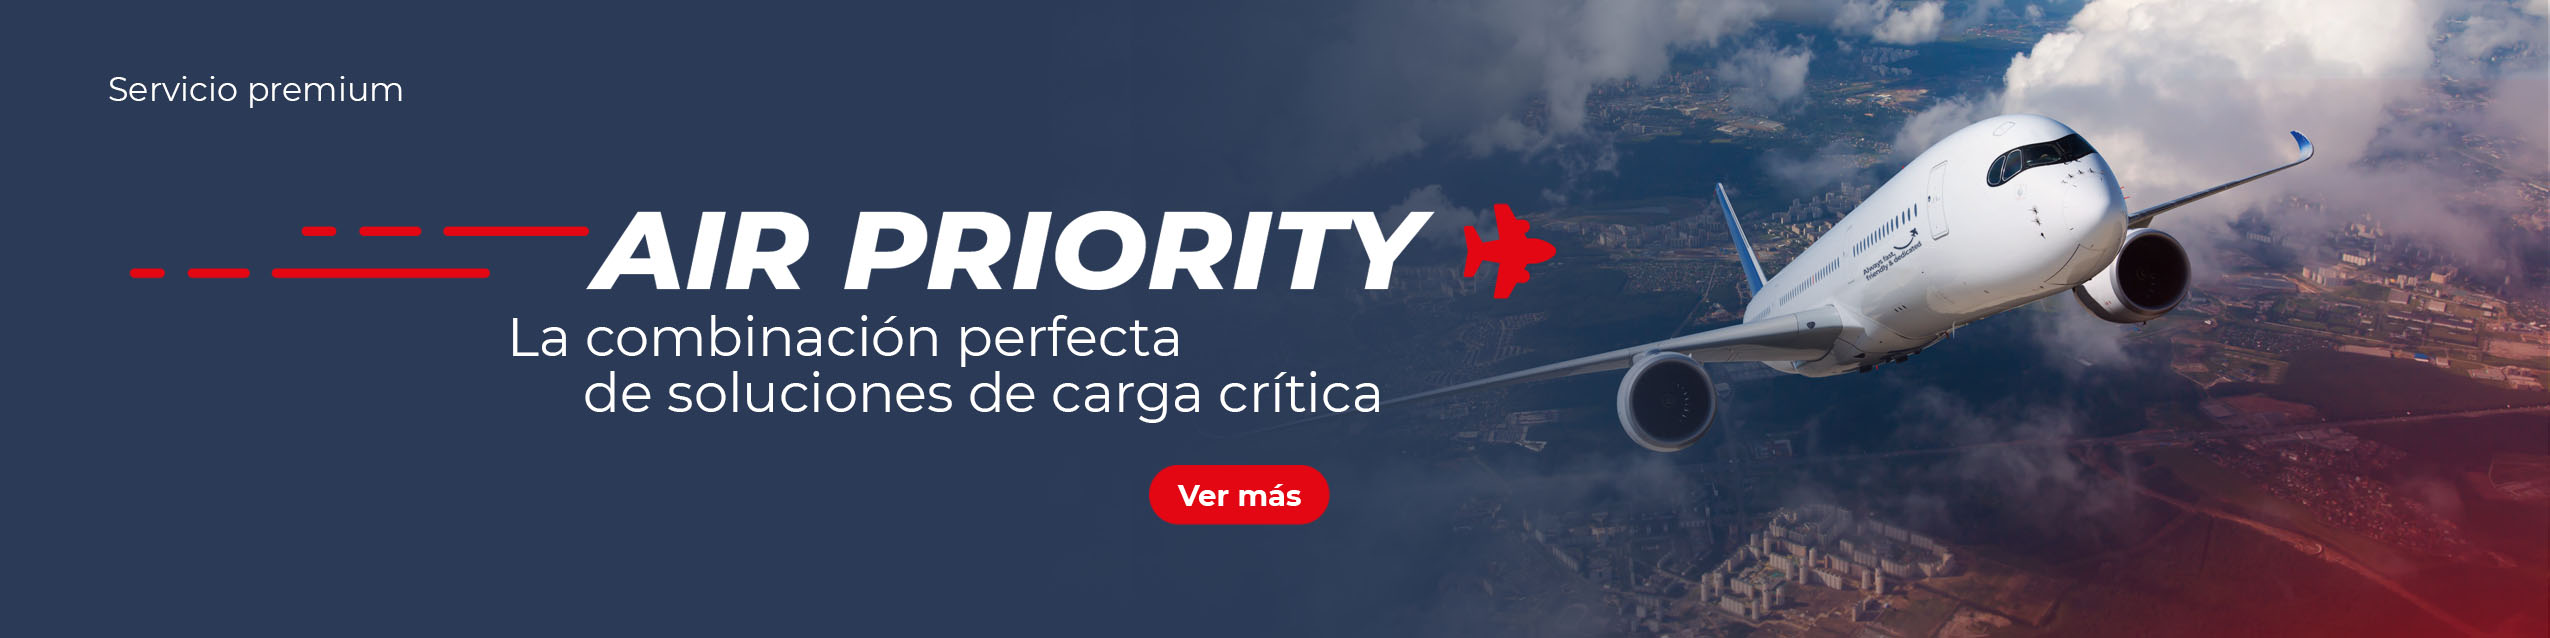 AIR PRIORITY La combinación perfecta de soluciones de carga crítica